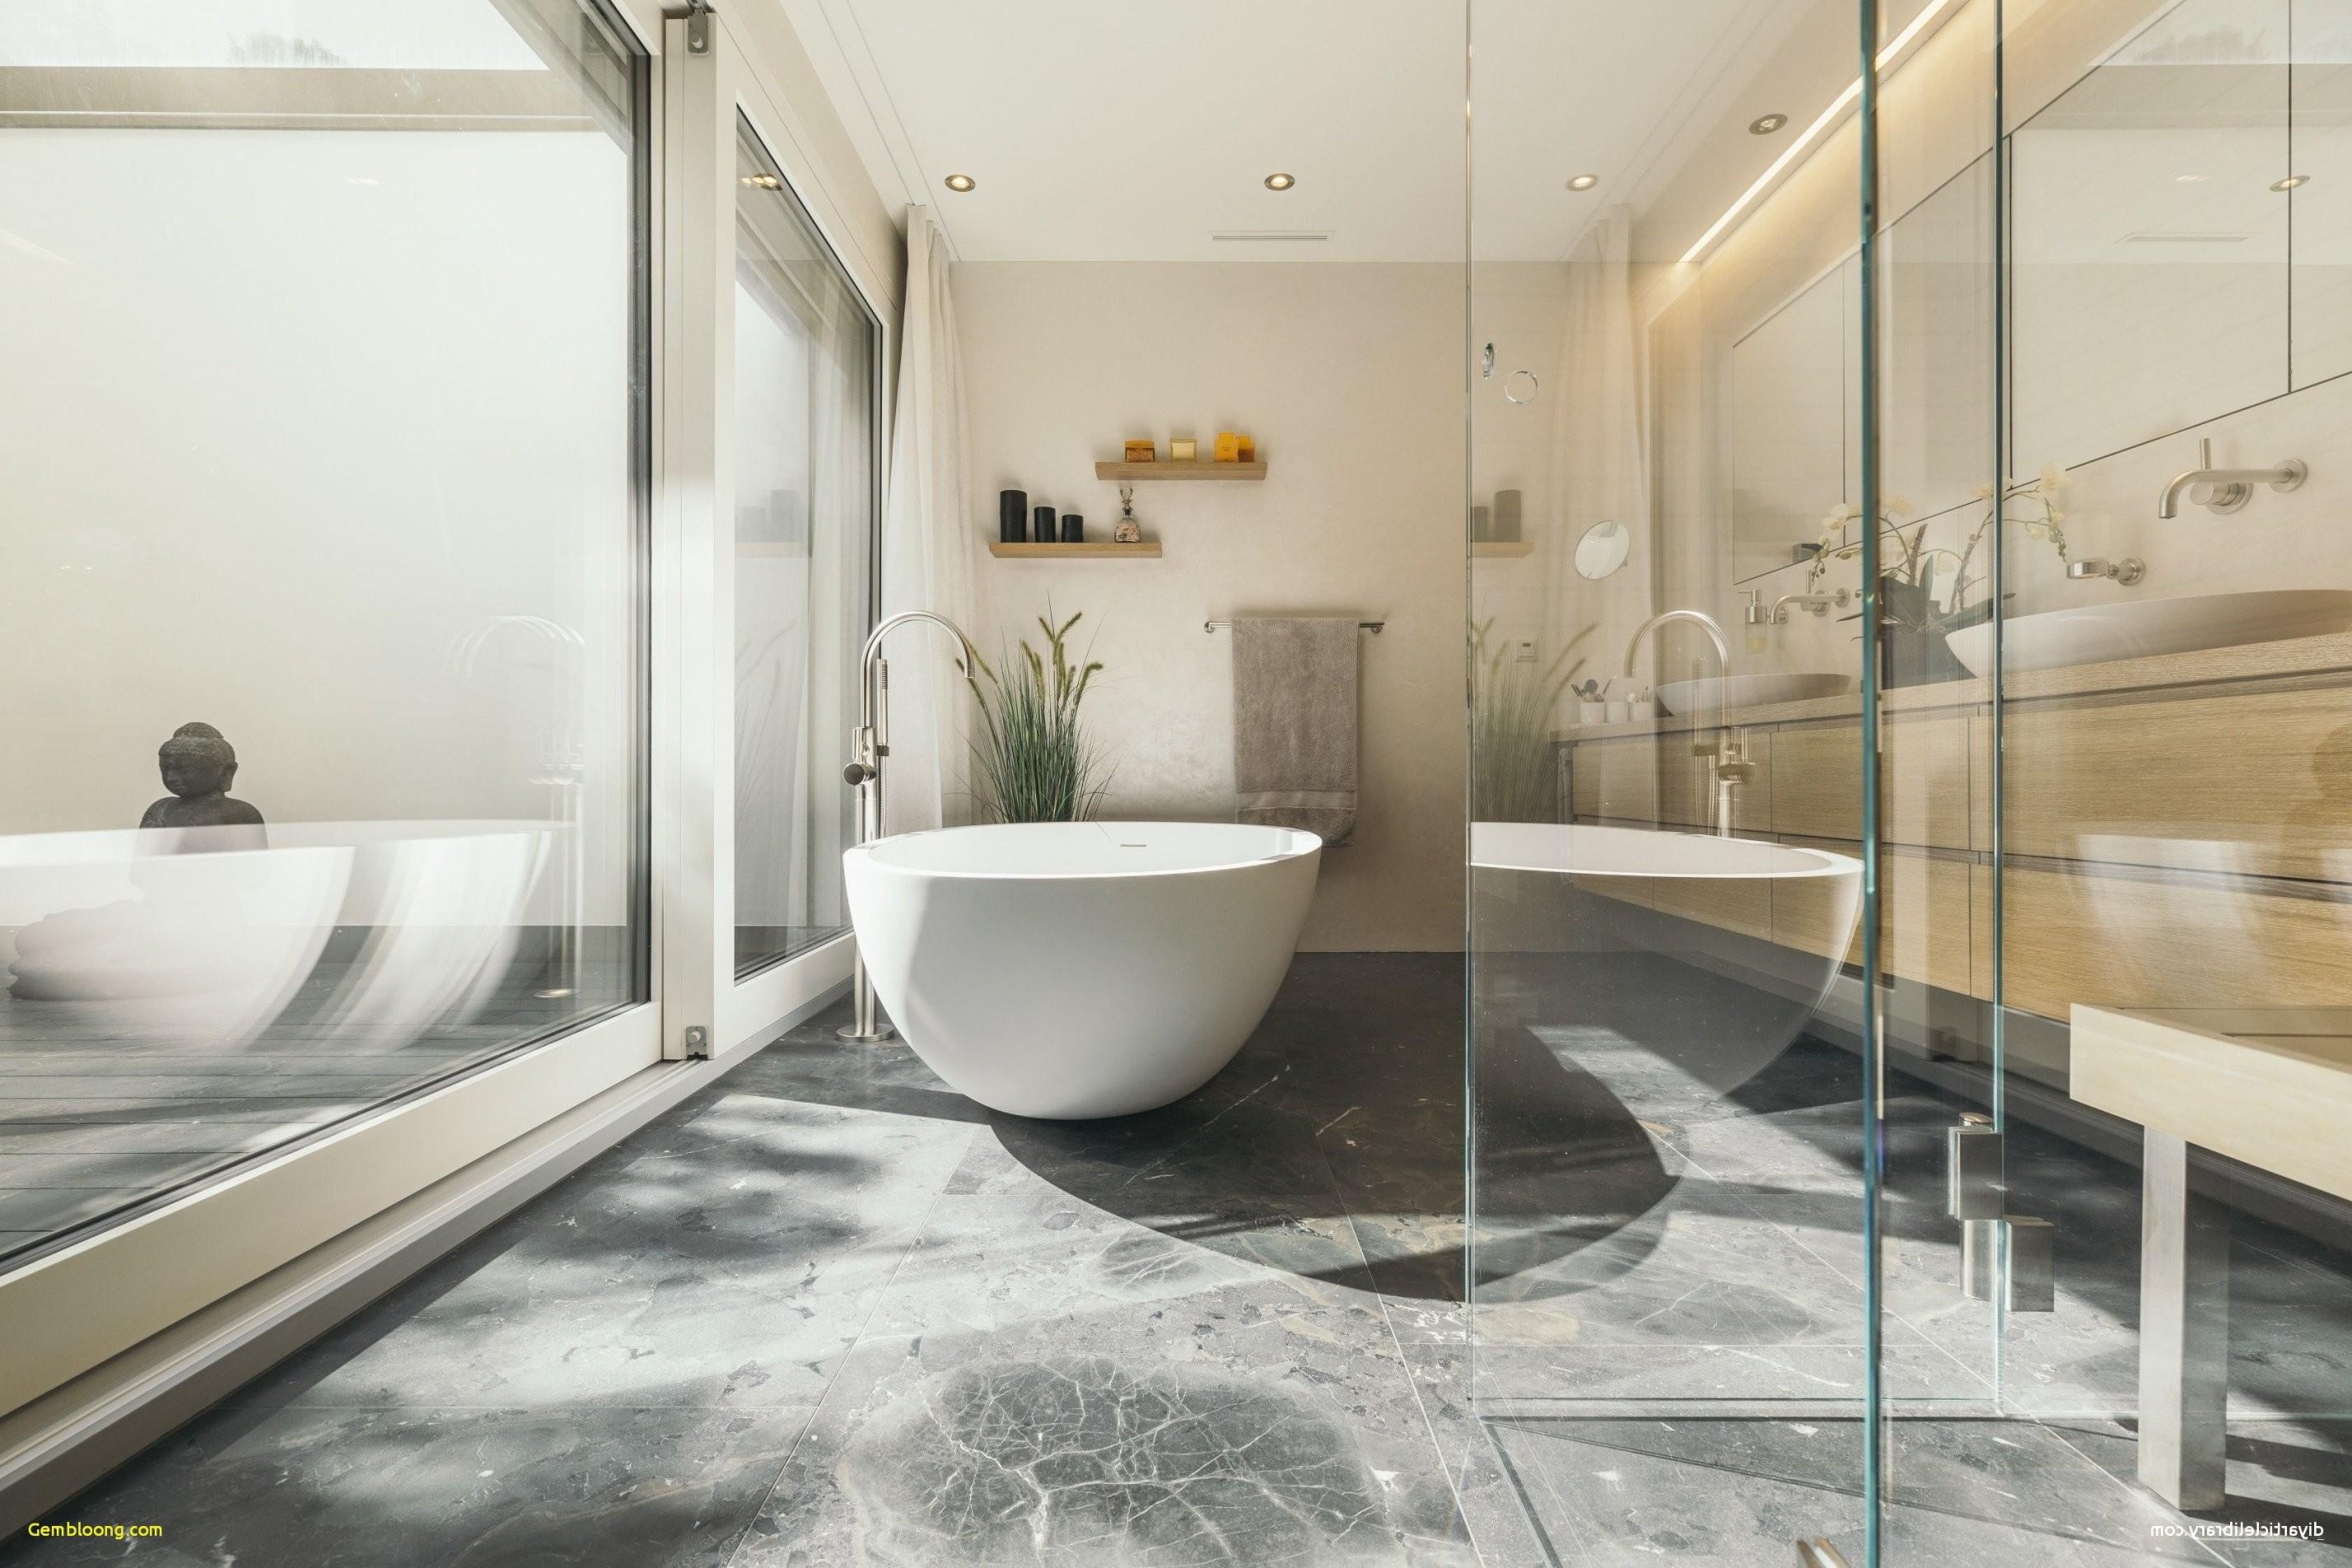 20 Das Beste Von Frisch Badezimmer Renovieren Ideen Motiv Badezimmer von Ideen Für Badezimmer Renovierung Bild